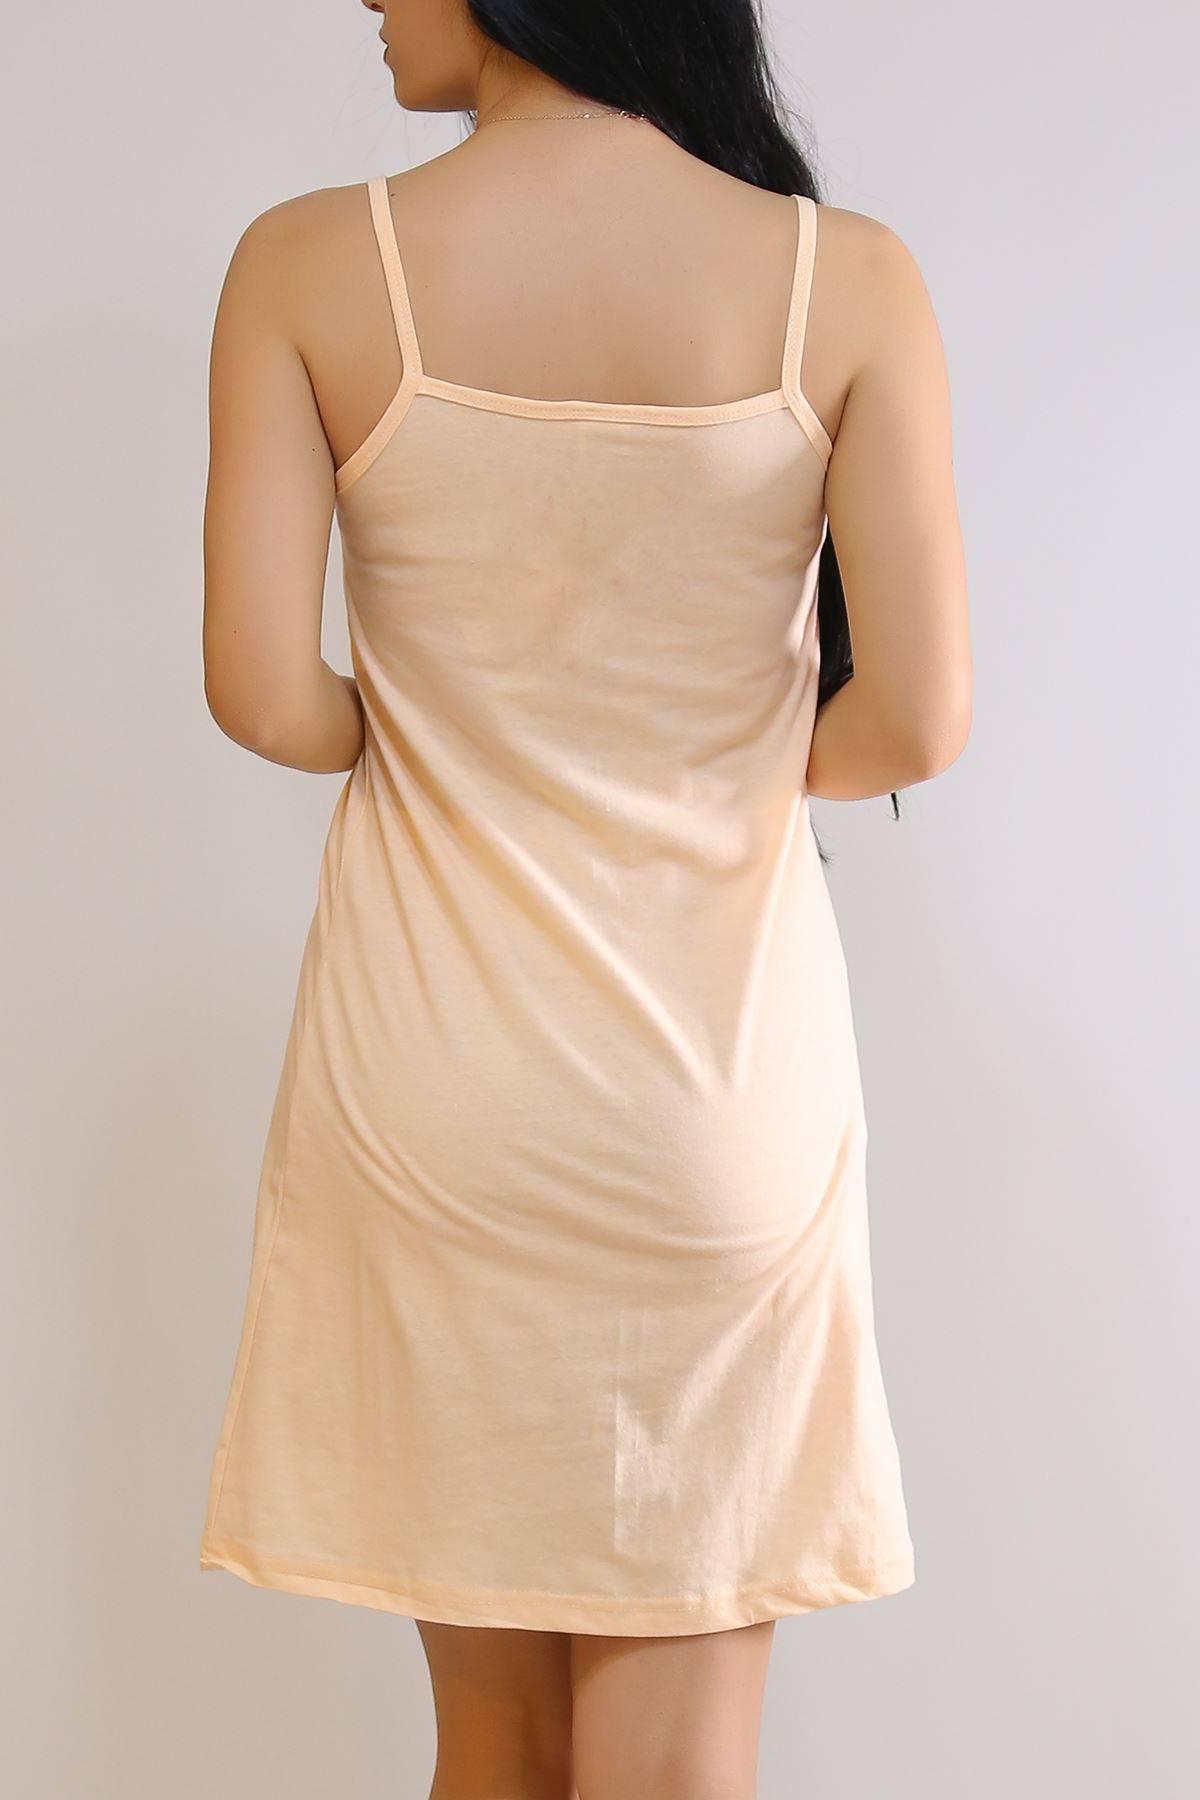 İp Askılı Elbise Kavuniçi - 5996.1287.